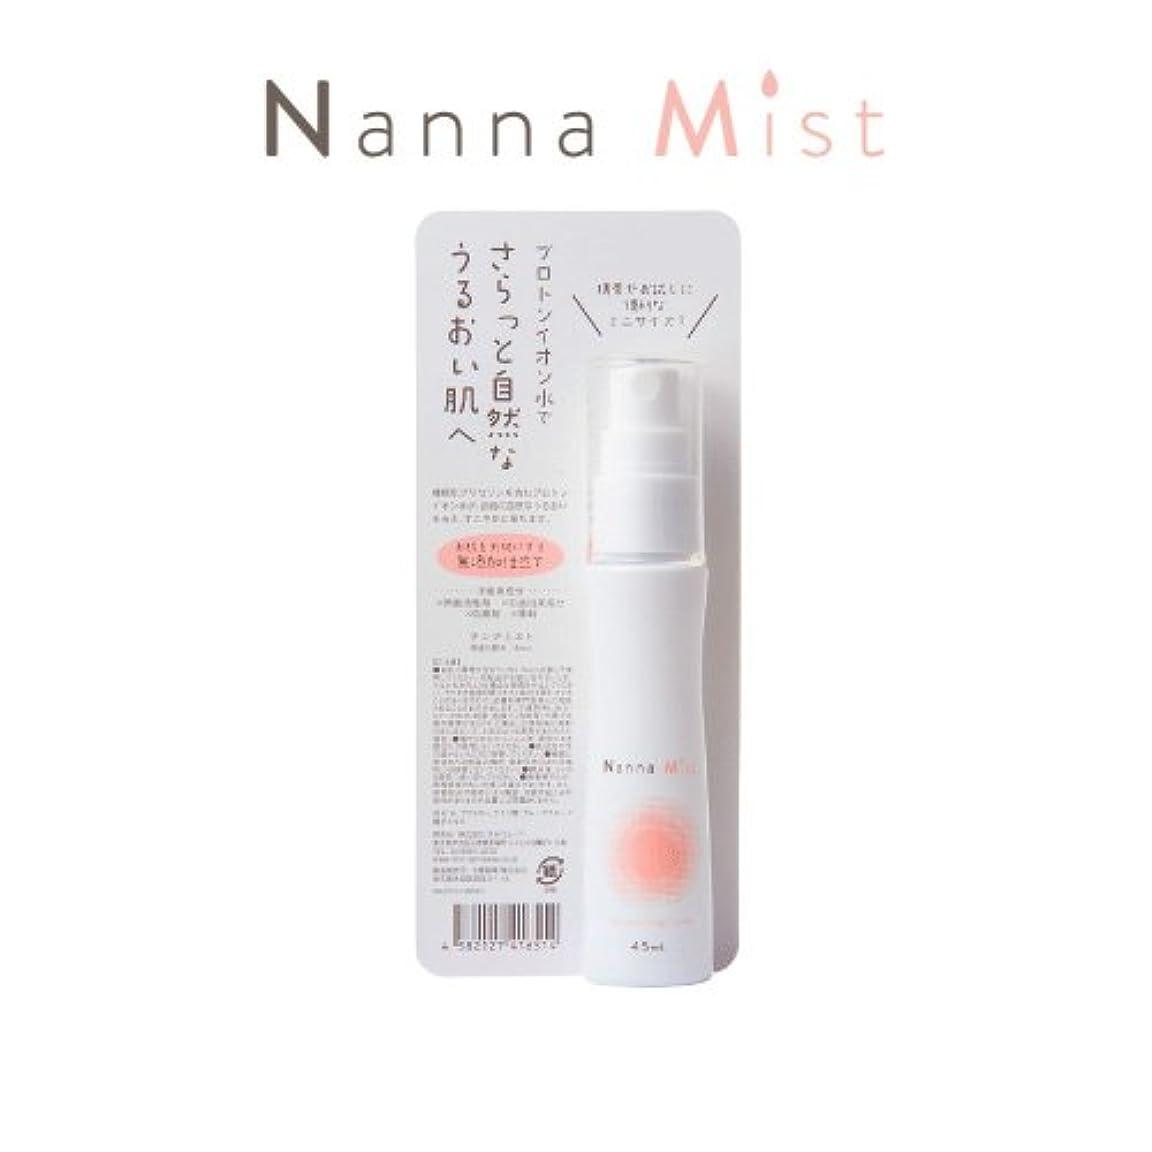 挨拶する不愉快ボットナンナミスト-Nanna Mist- (保湿化粧水) 45ml 〔携帯用〕